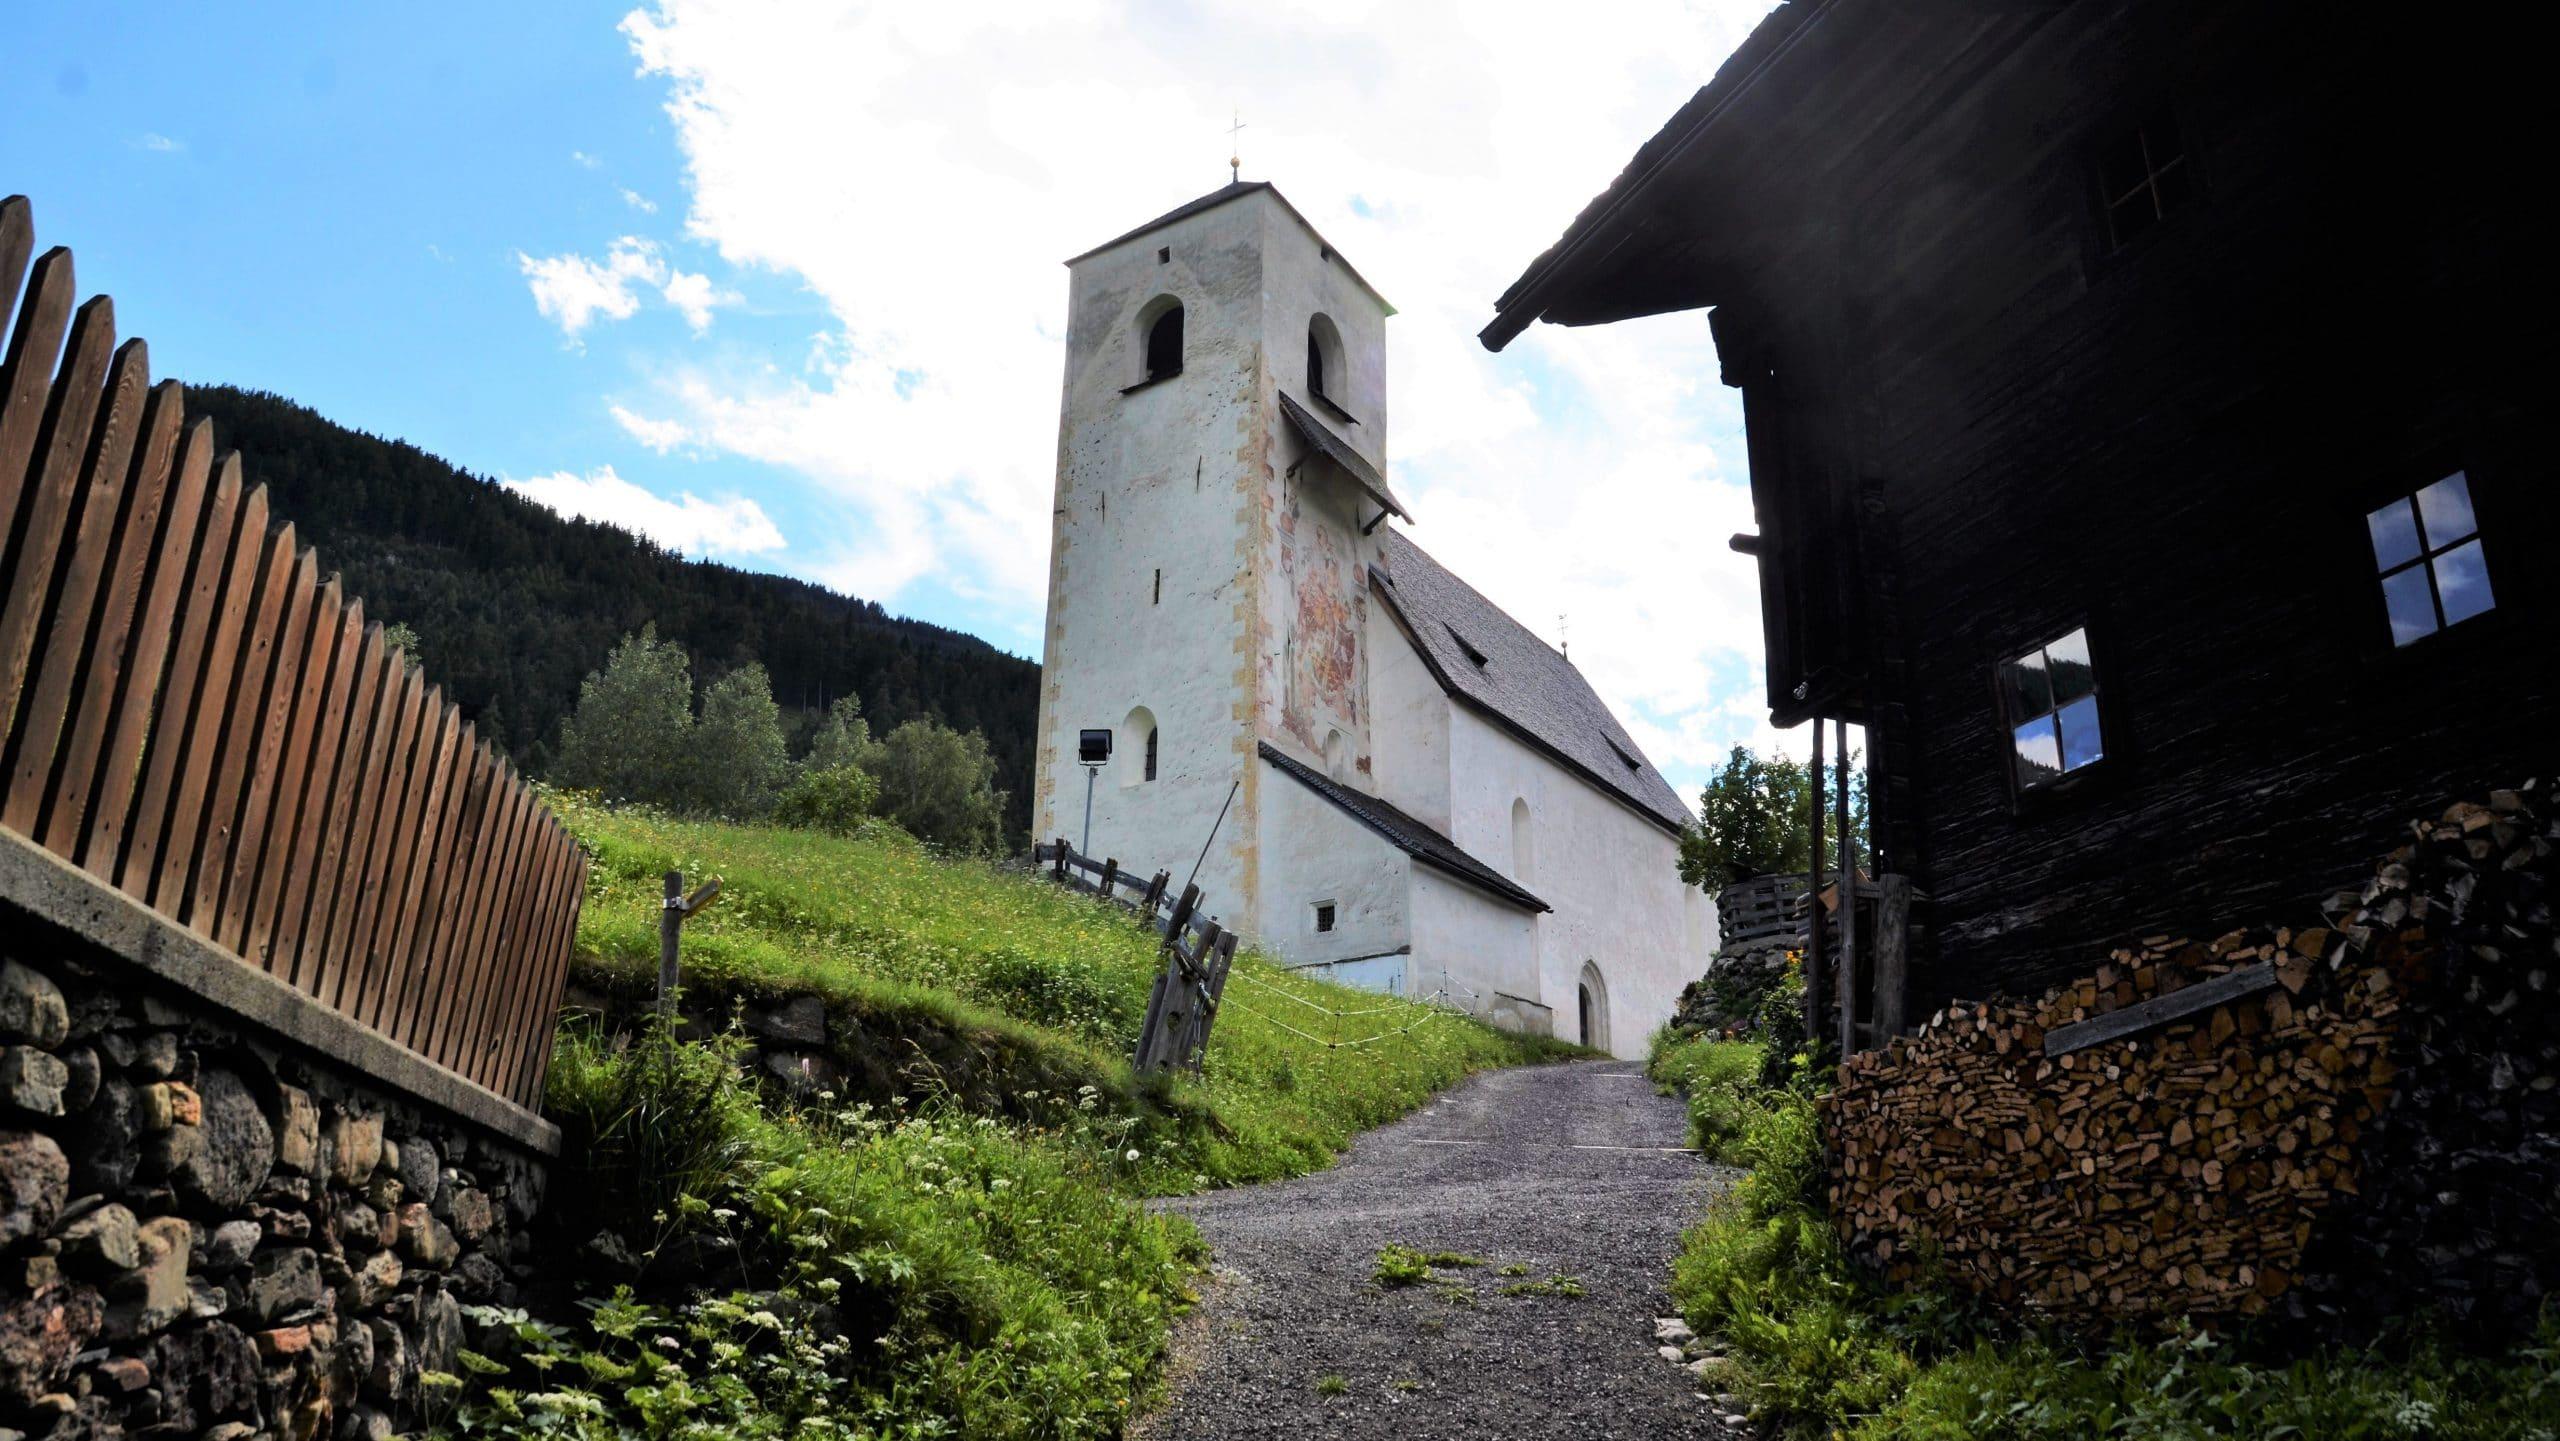 St. Nikolaus Kirche in Matrei Sehenswürdigkeiten Matrei